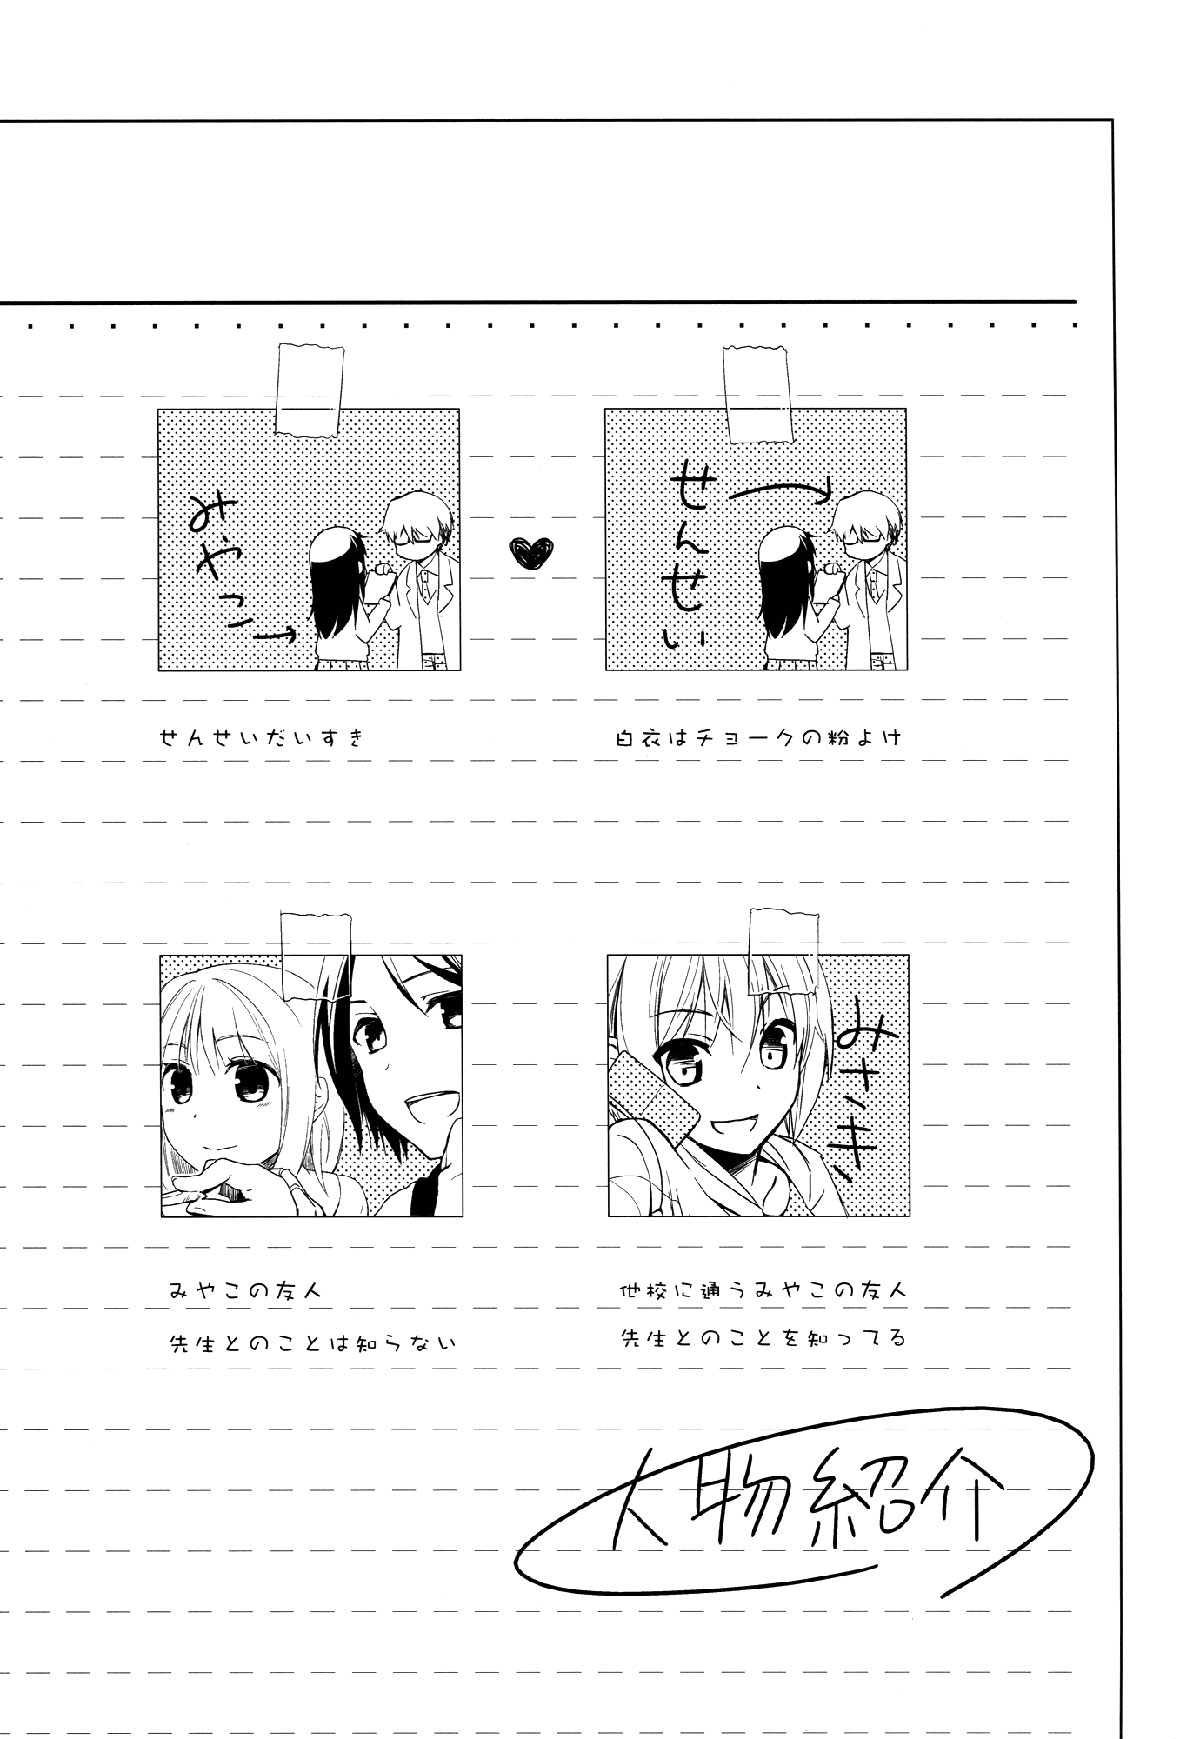 周りに内緒で先生と付き合っている黒髪ロングのJKwww宿直室でいちゃらぶセックスwww【エロ漫画・エロ同人】 (2)